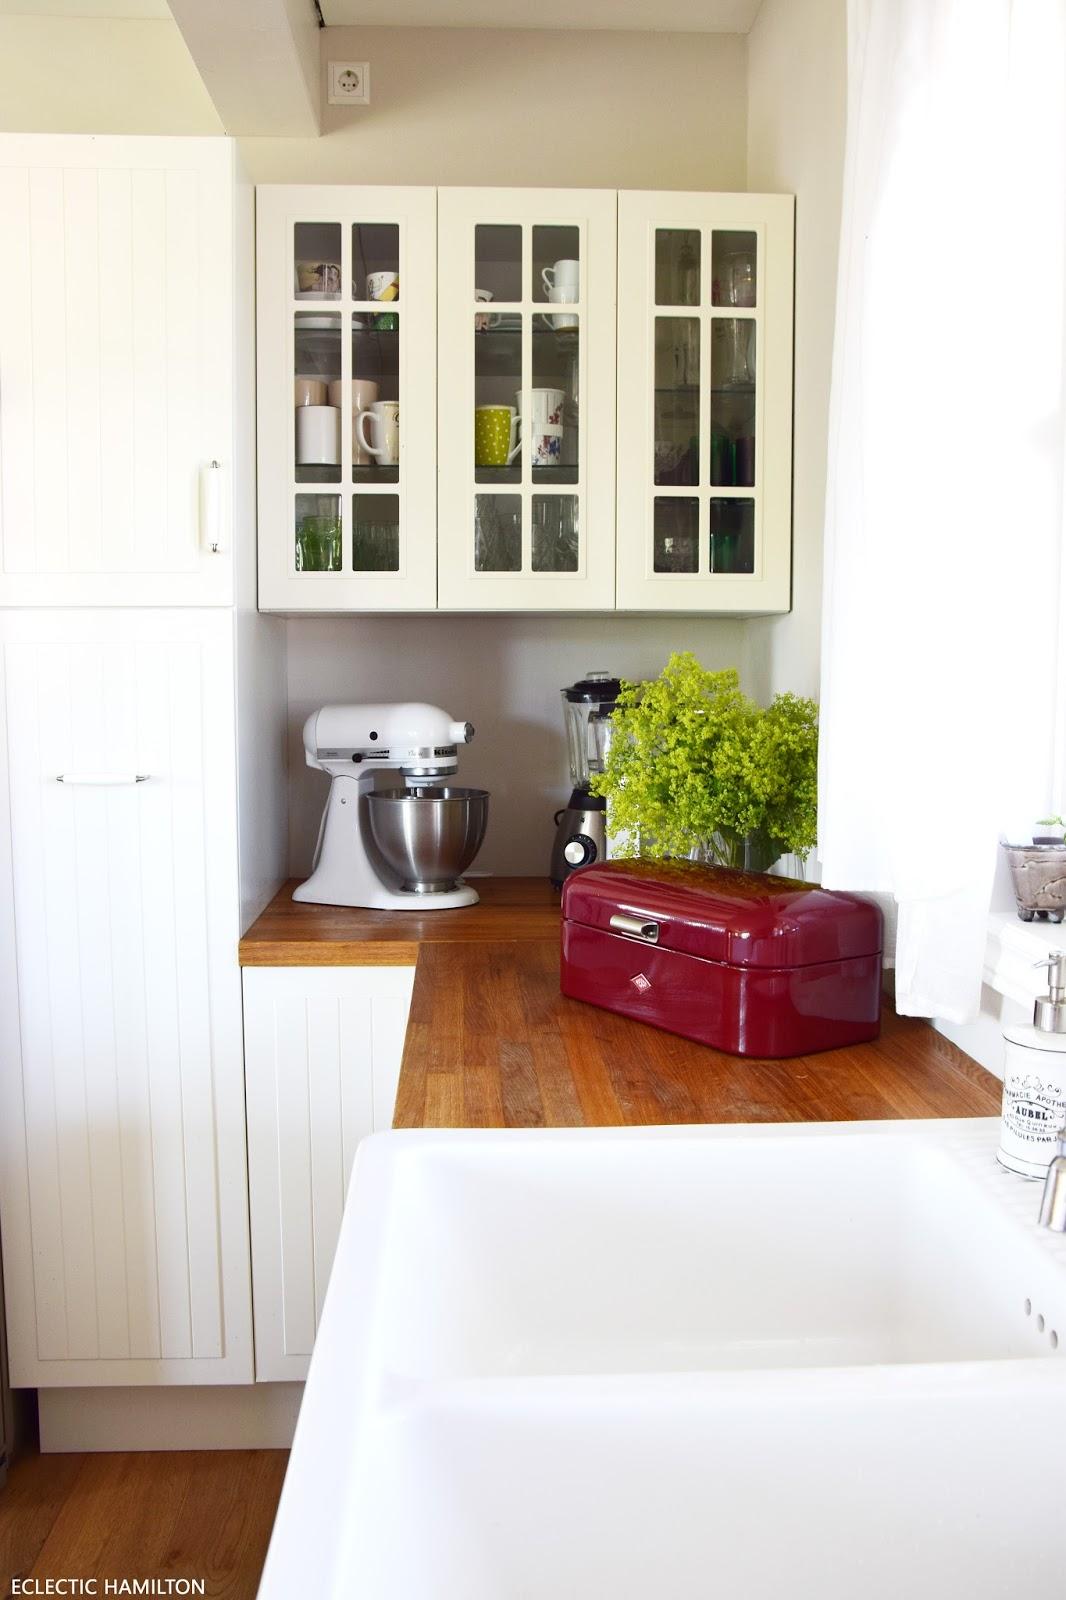 Küche: Deko und Ideen zur Gestaltung mit Farbe: Colorful Living mit Kühchen Accessoires, WESCO